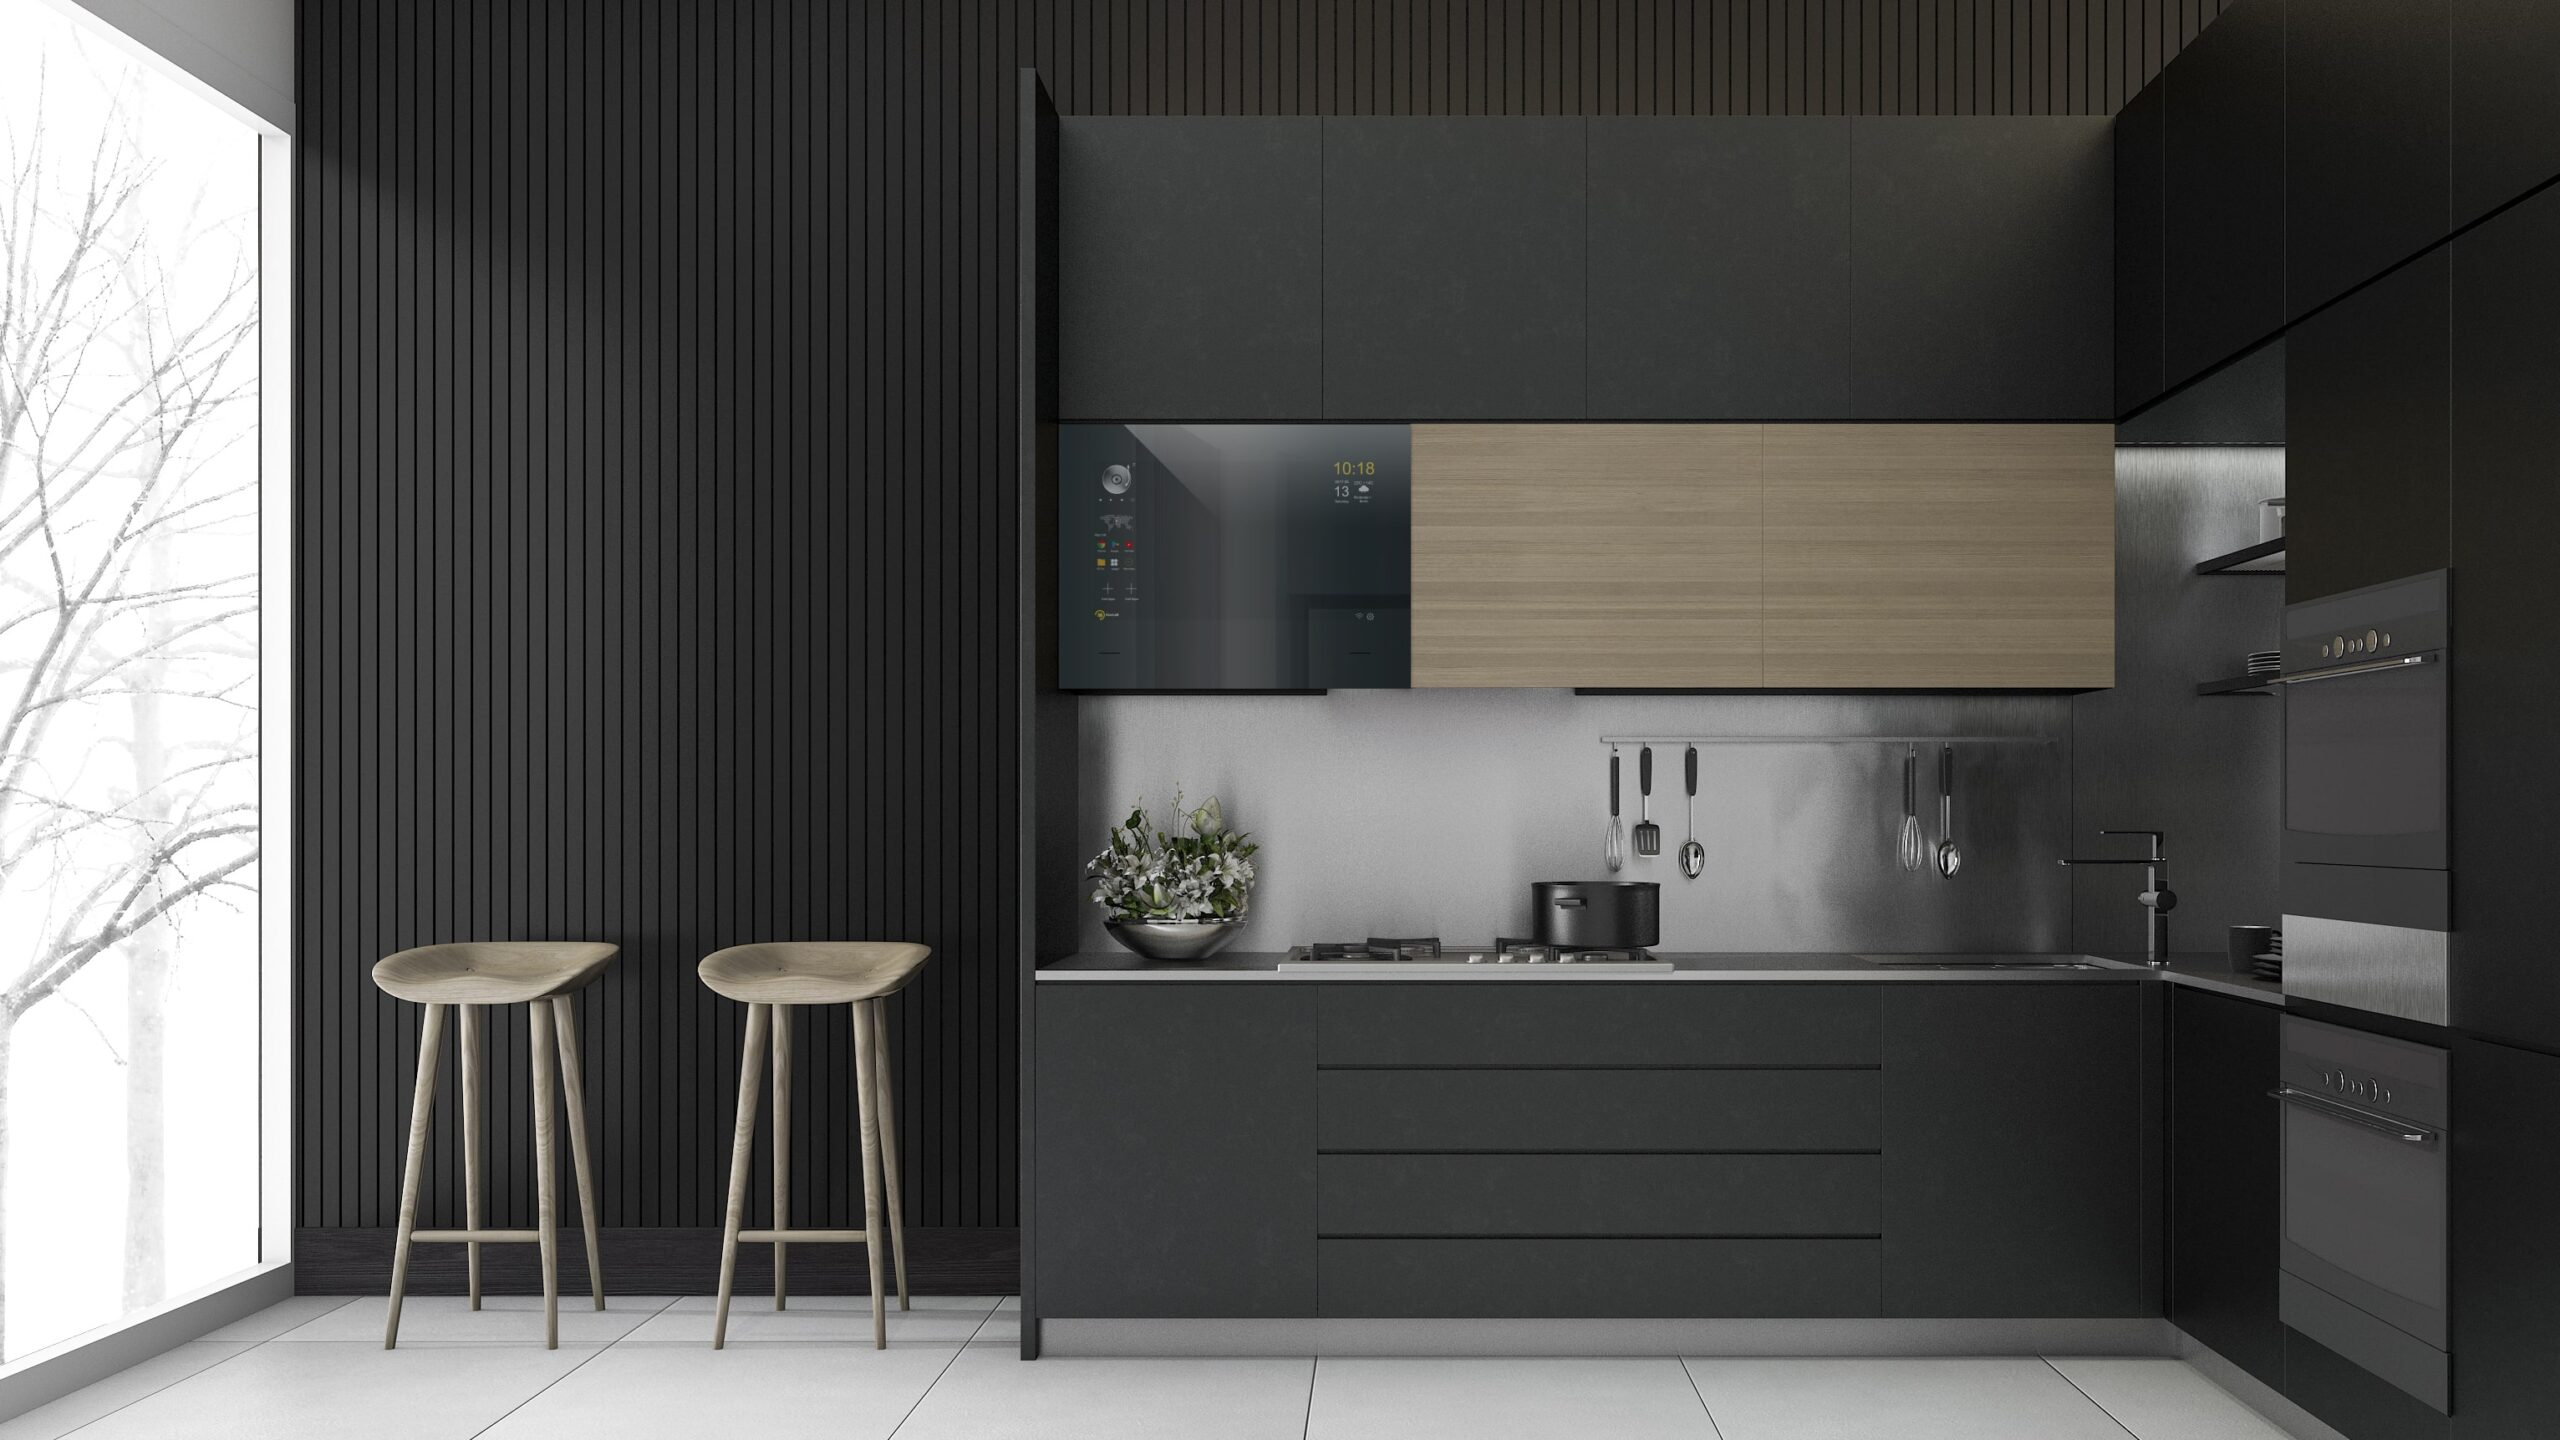 Mues-Tec kitchen smart front